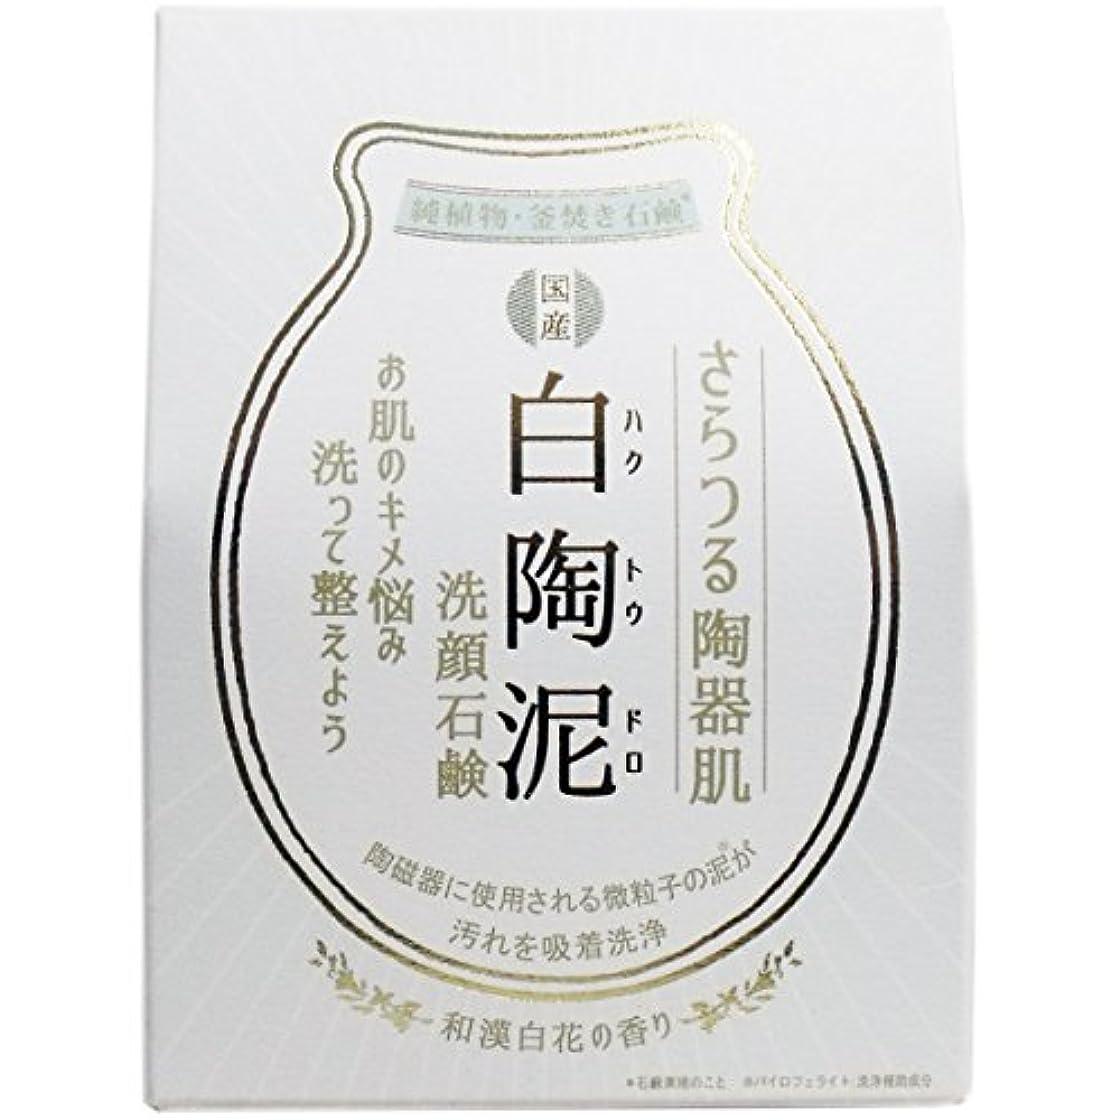 試験オーガニック隙間白陶泥洗顔石鹸 100g×5個セット